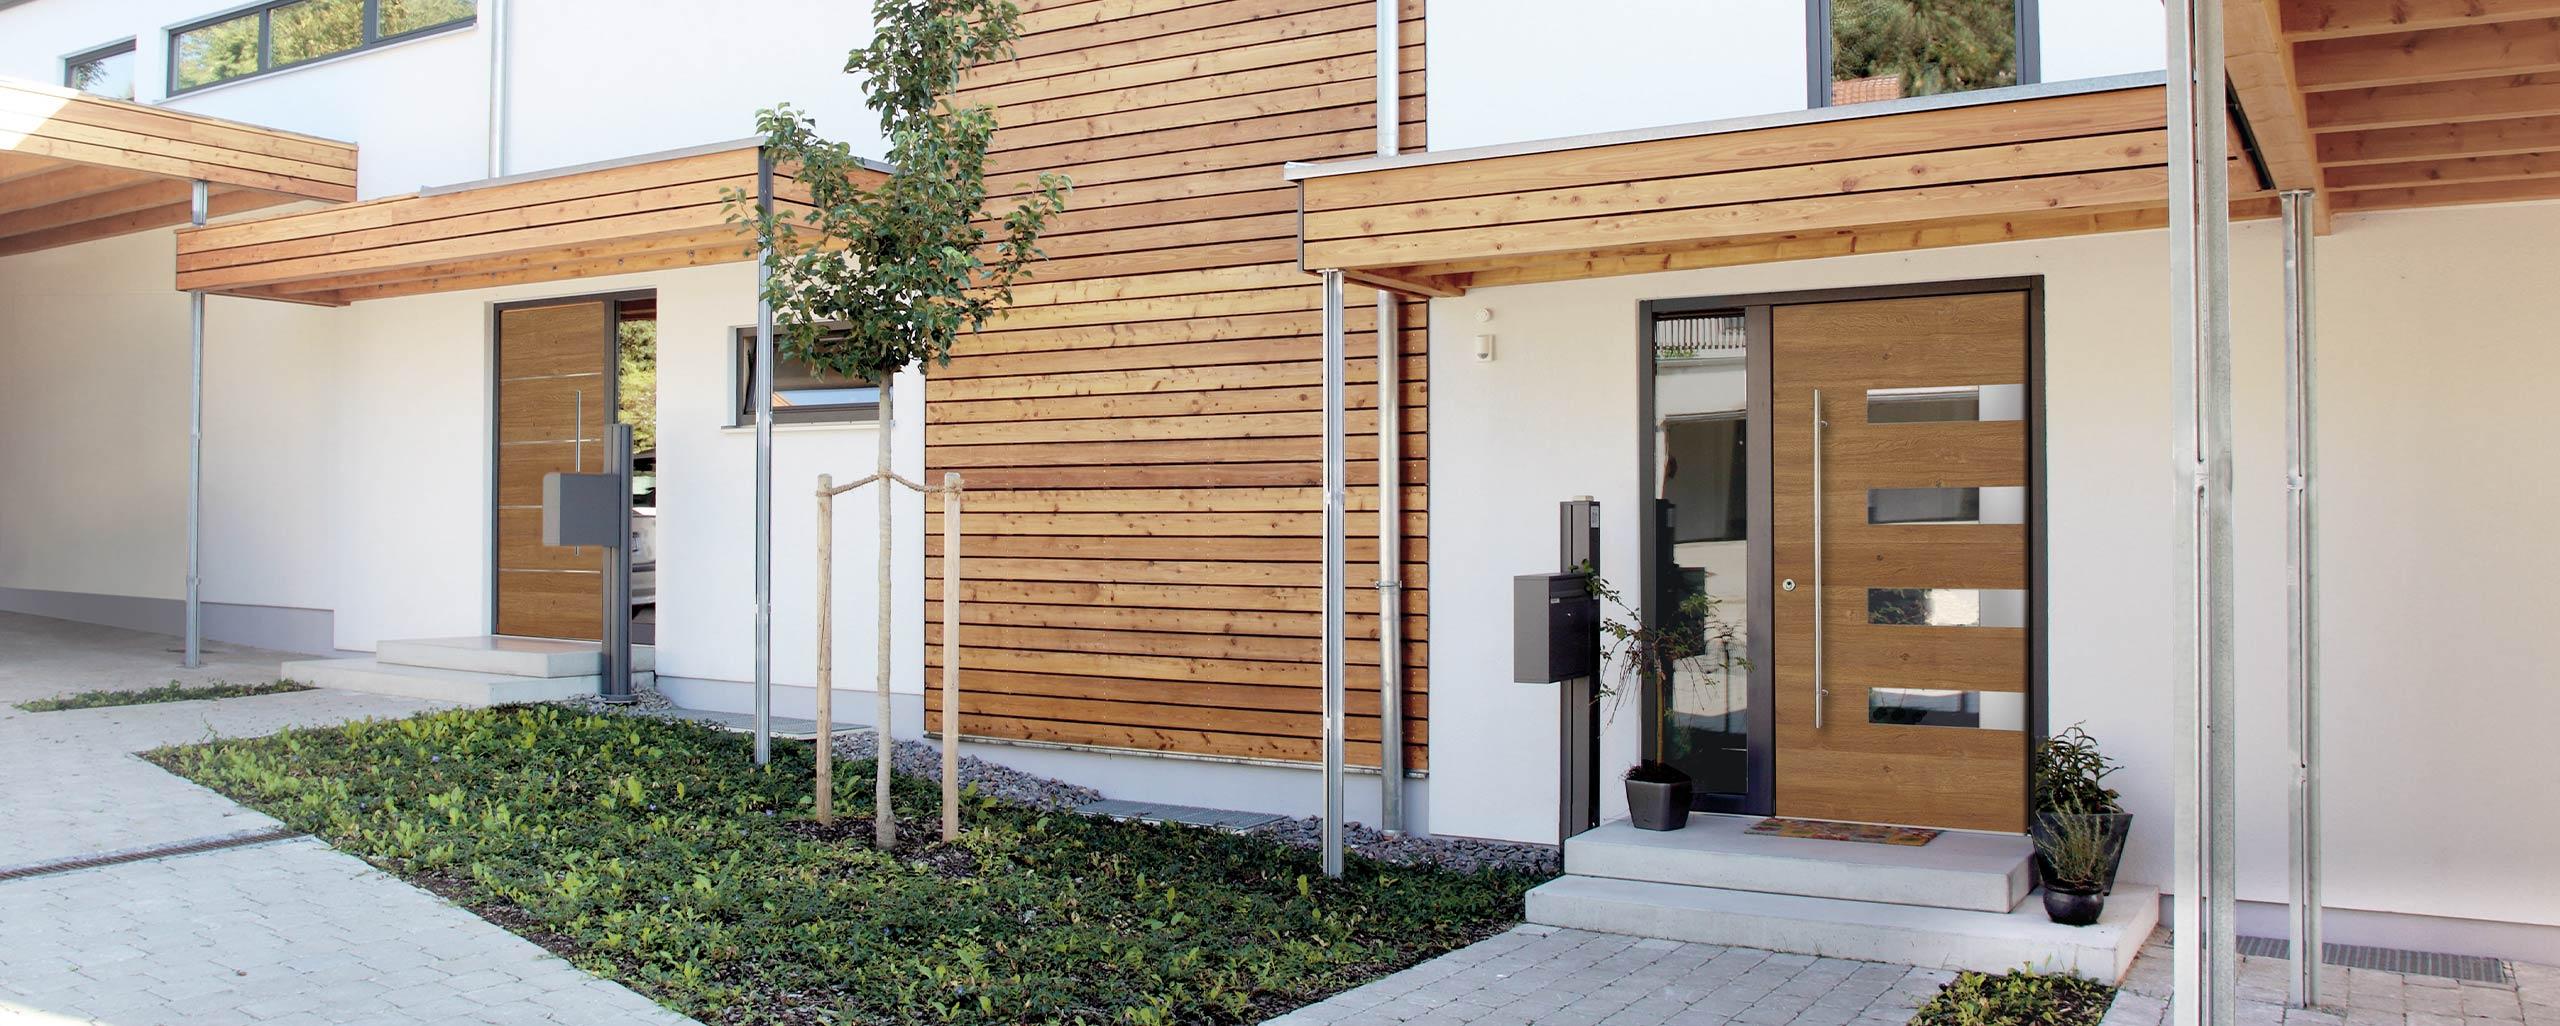 Moderne Haustüren mit Seitenteil aus Glas von BWE in Unterschleißheim.